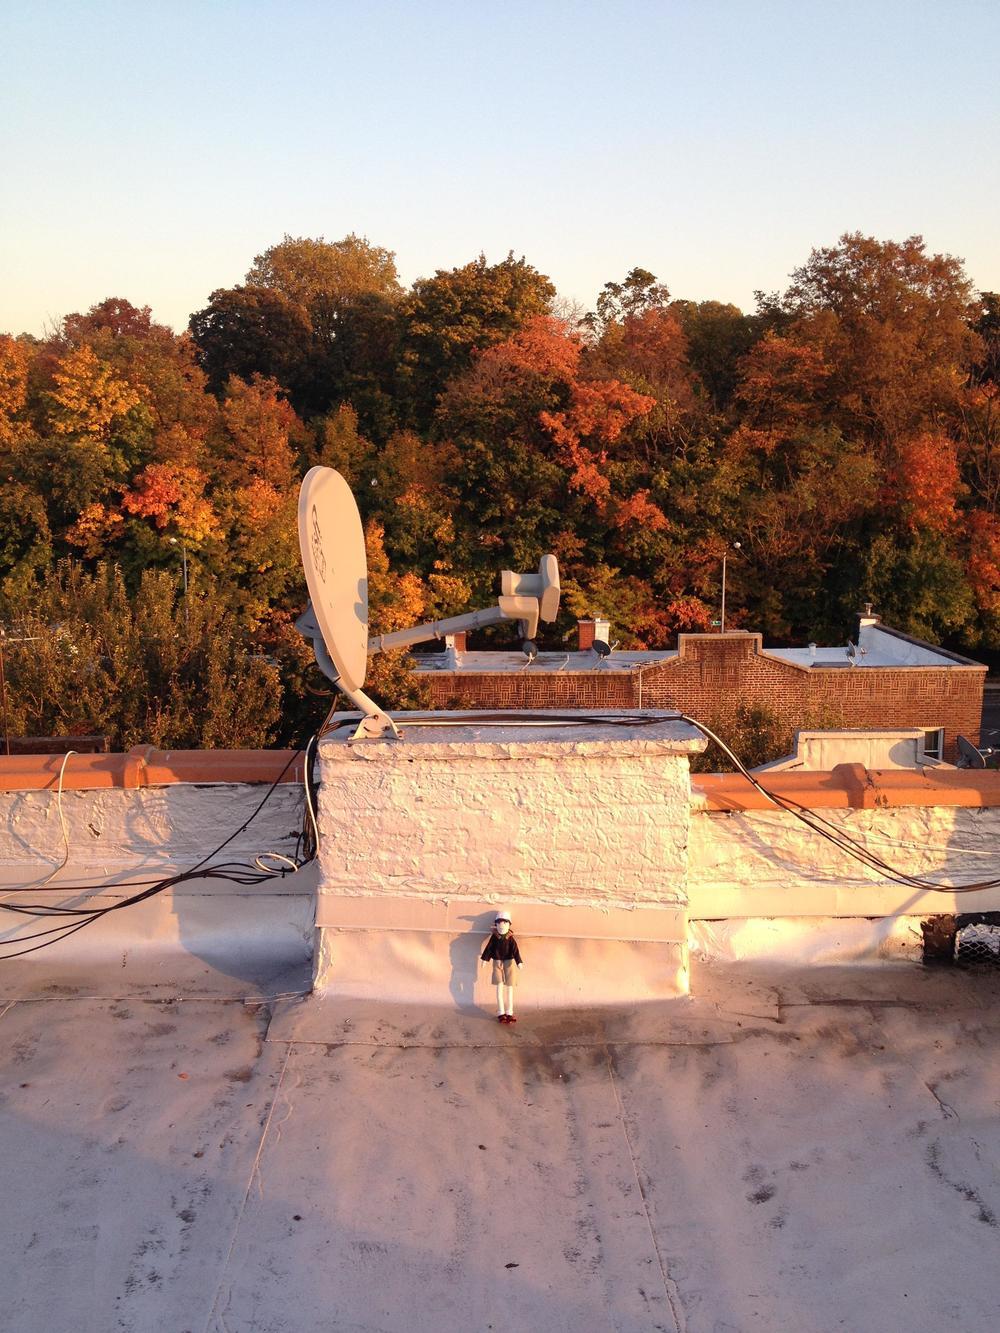 James, Brooklyn rooftop, fall